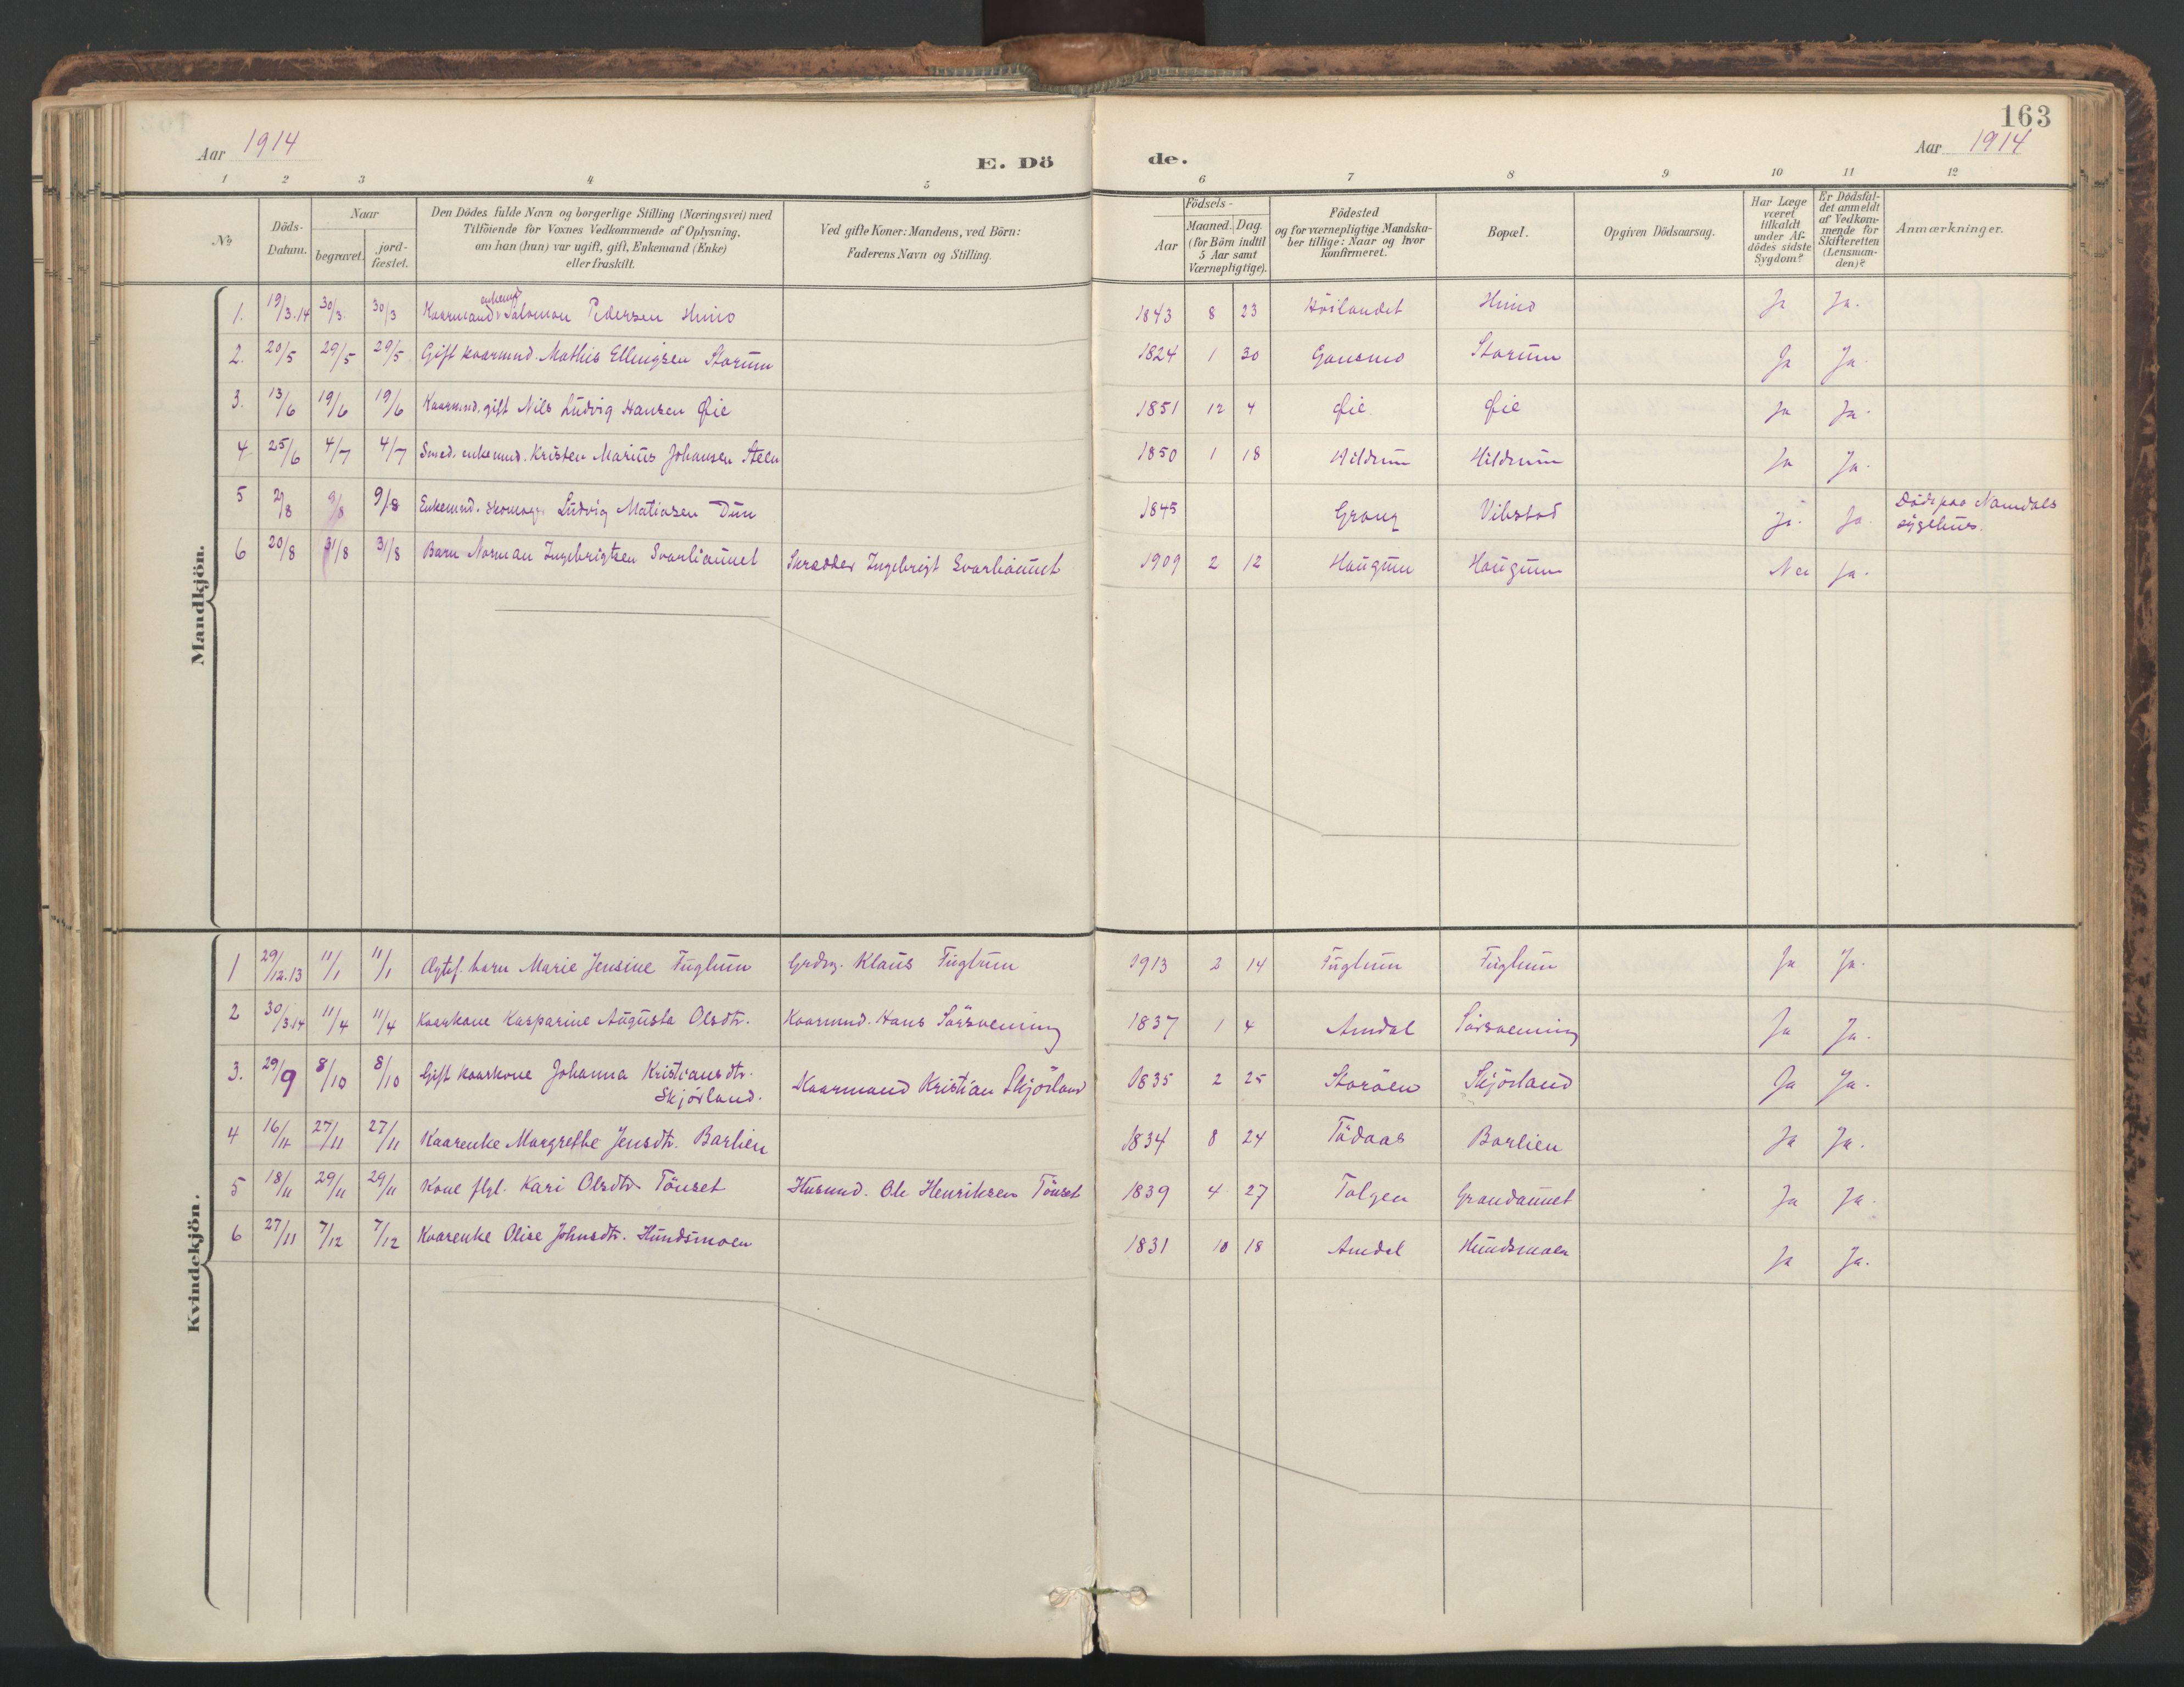 SAT, Ministerialprotokoller, klokkerbøker og fødselsregistre - Nord-Trøndelag, 764/L0556: Ministerialbok nr. 764A11, 1897-1924, s. 163